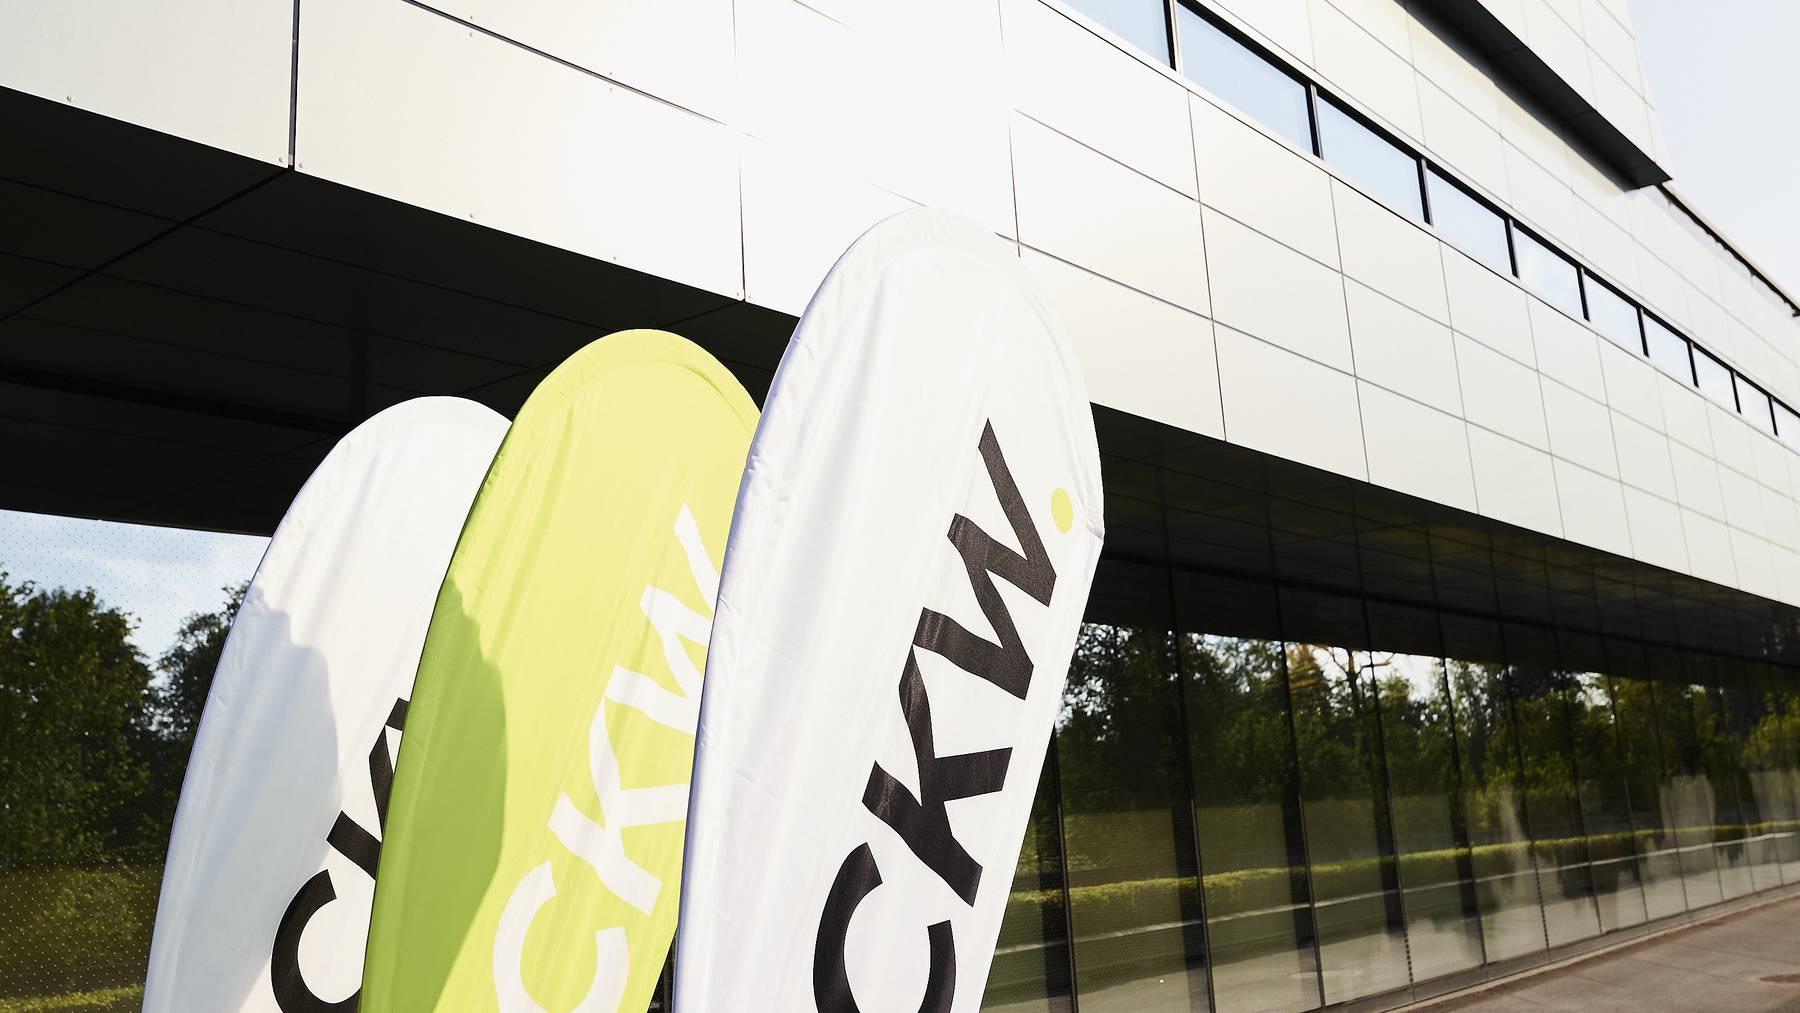 CKW steigert Jahresergebnis